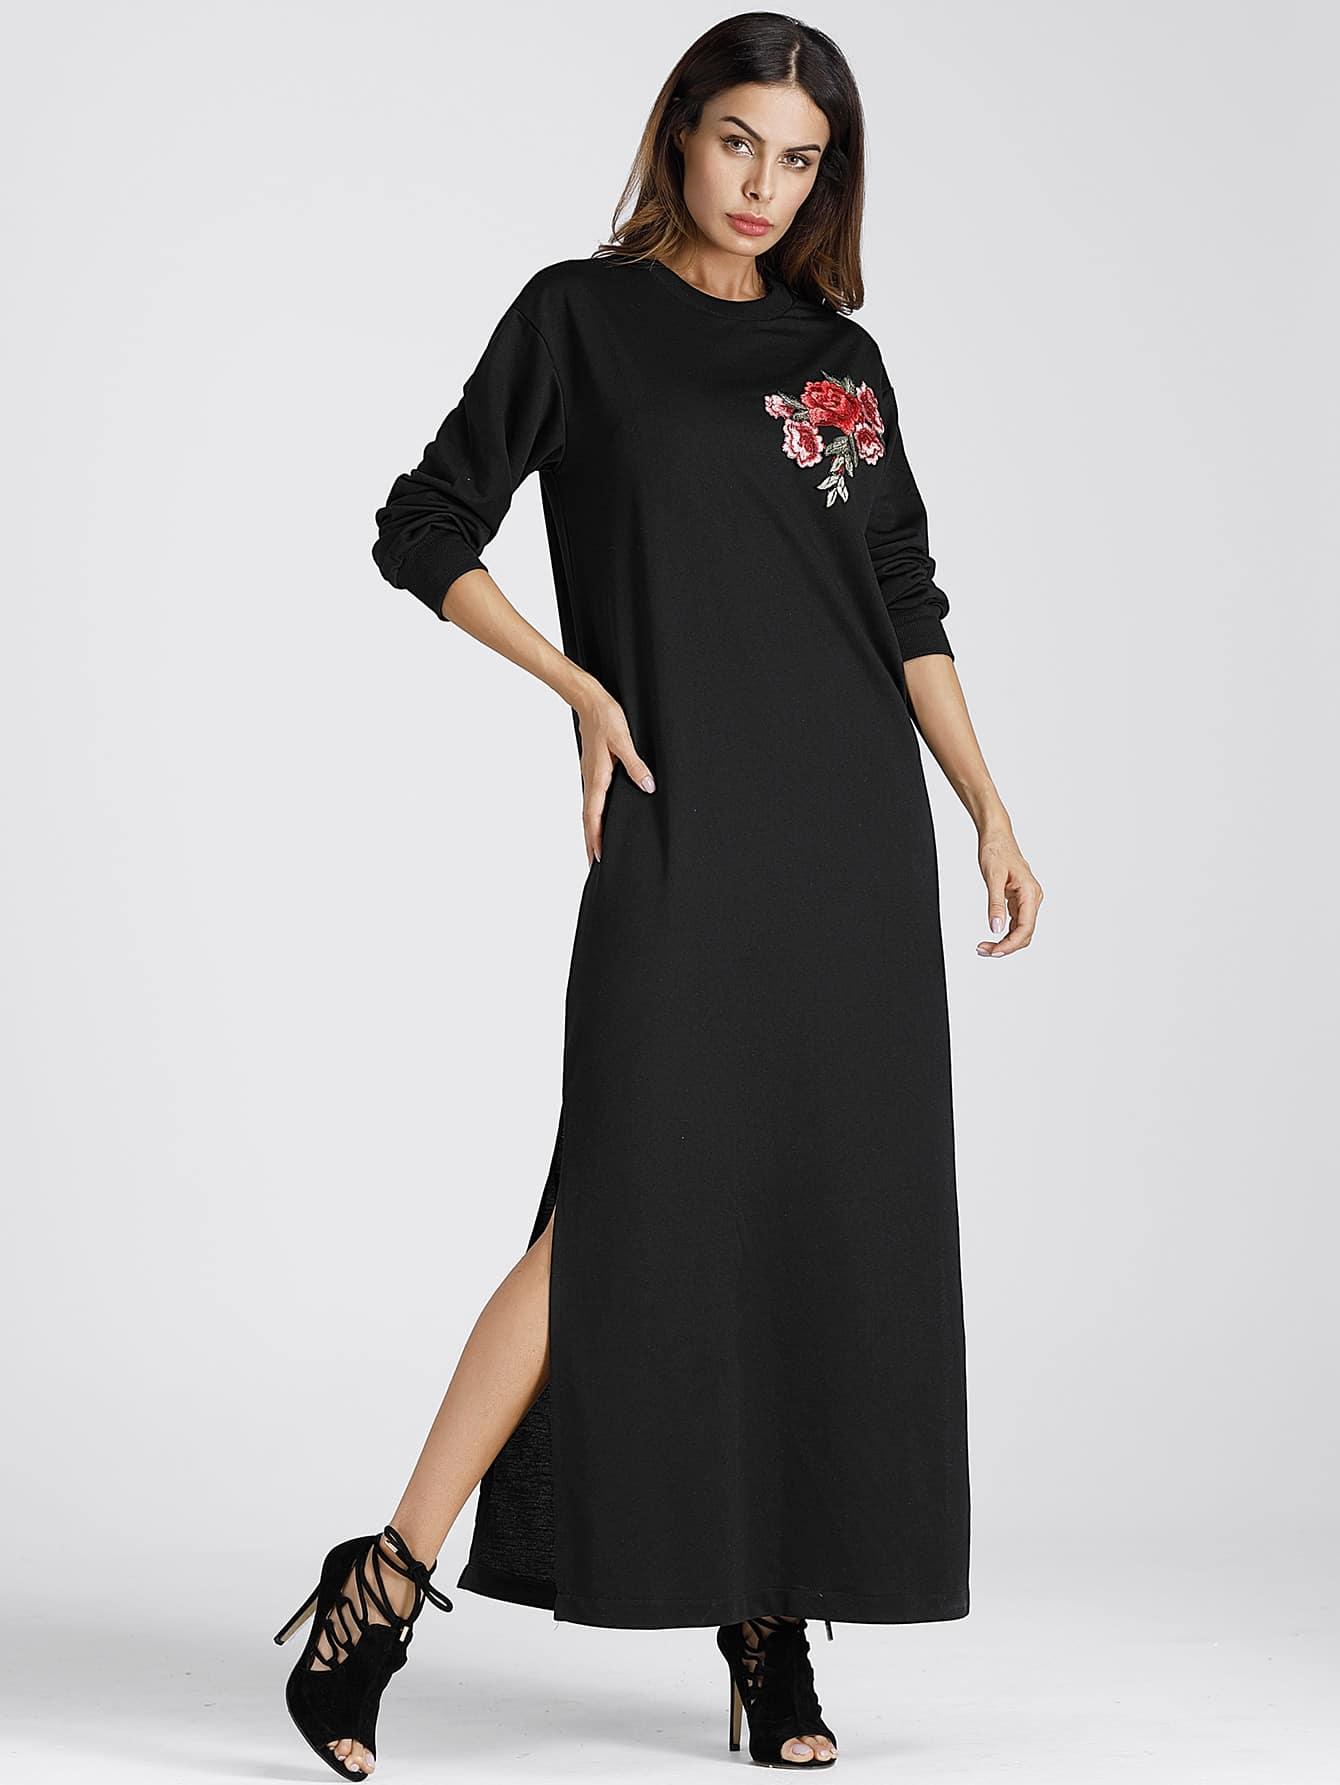 Split Side Applique Longline Hoodie Dress bear applique longline maternity hoodie